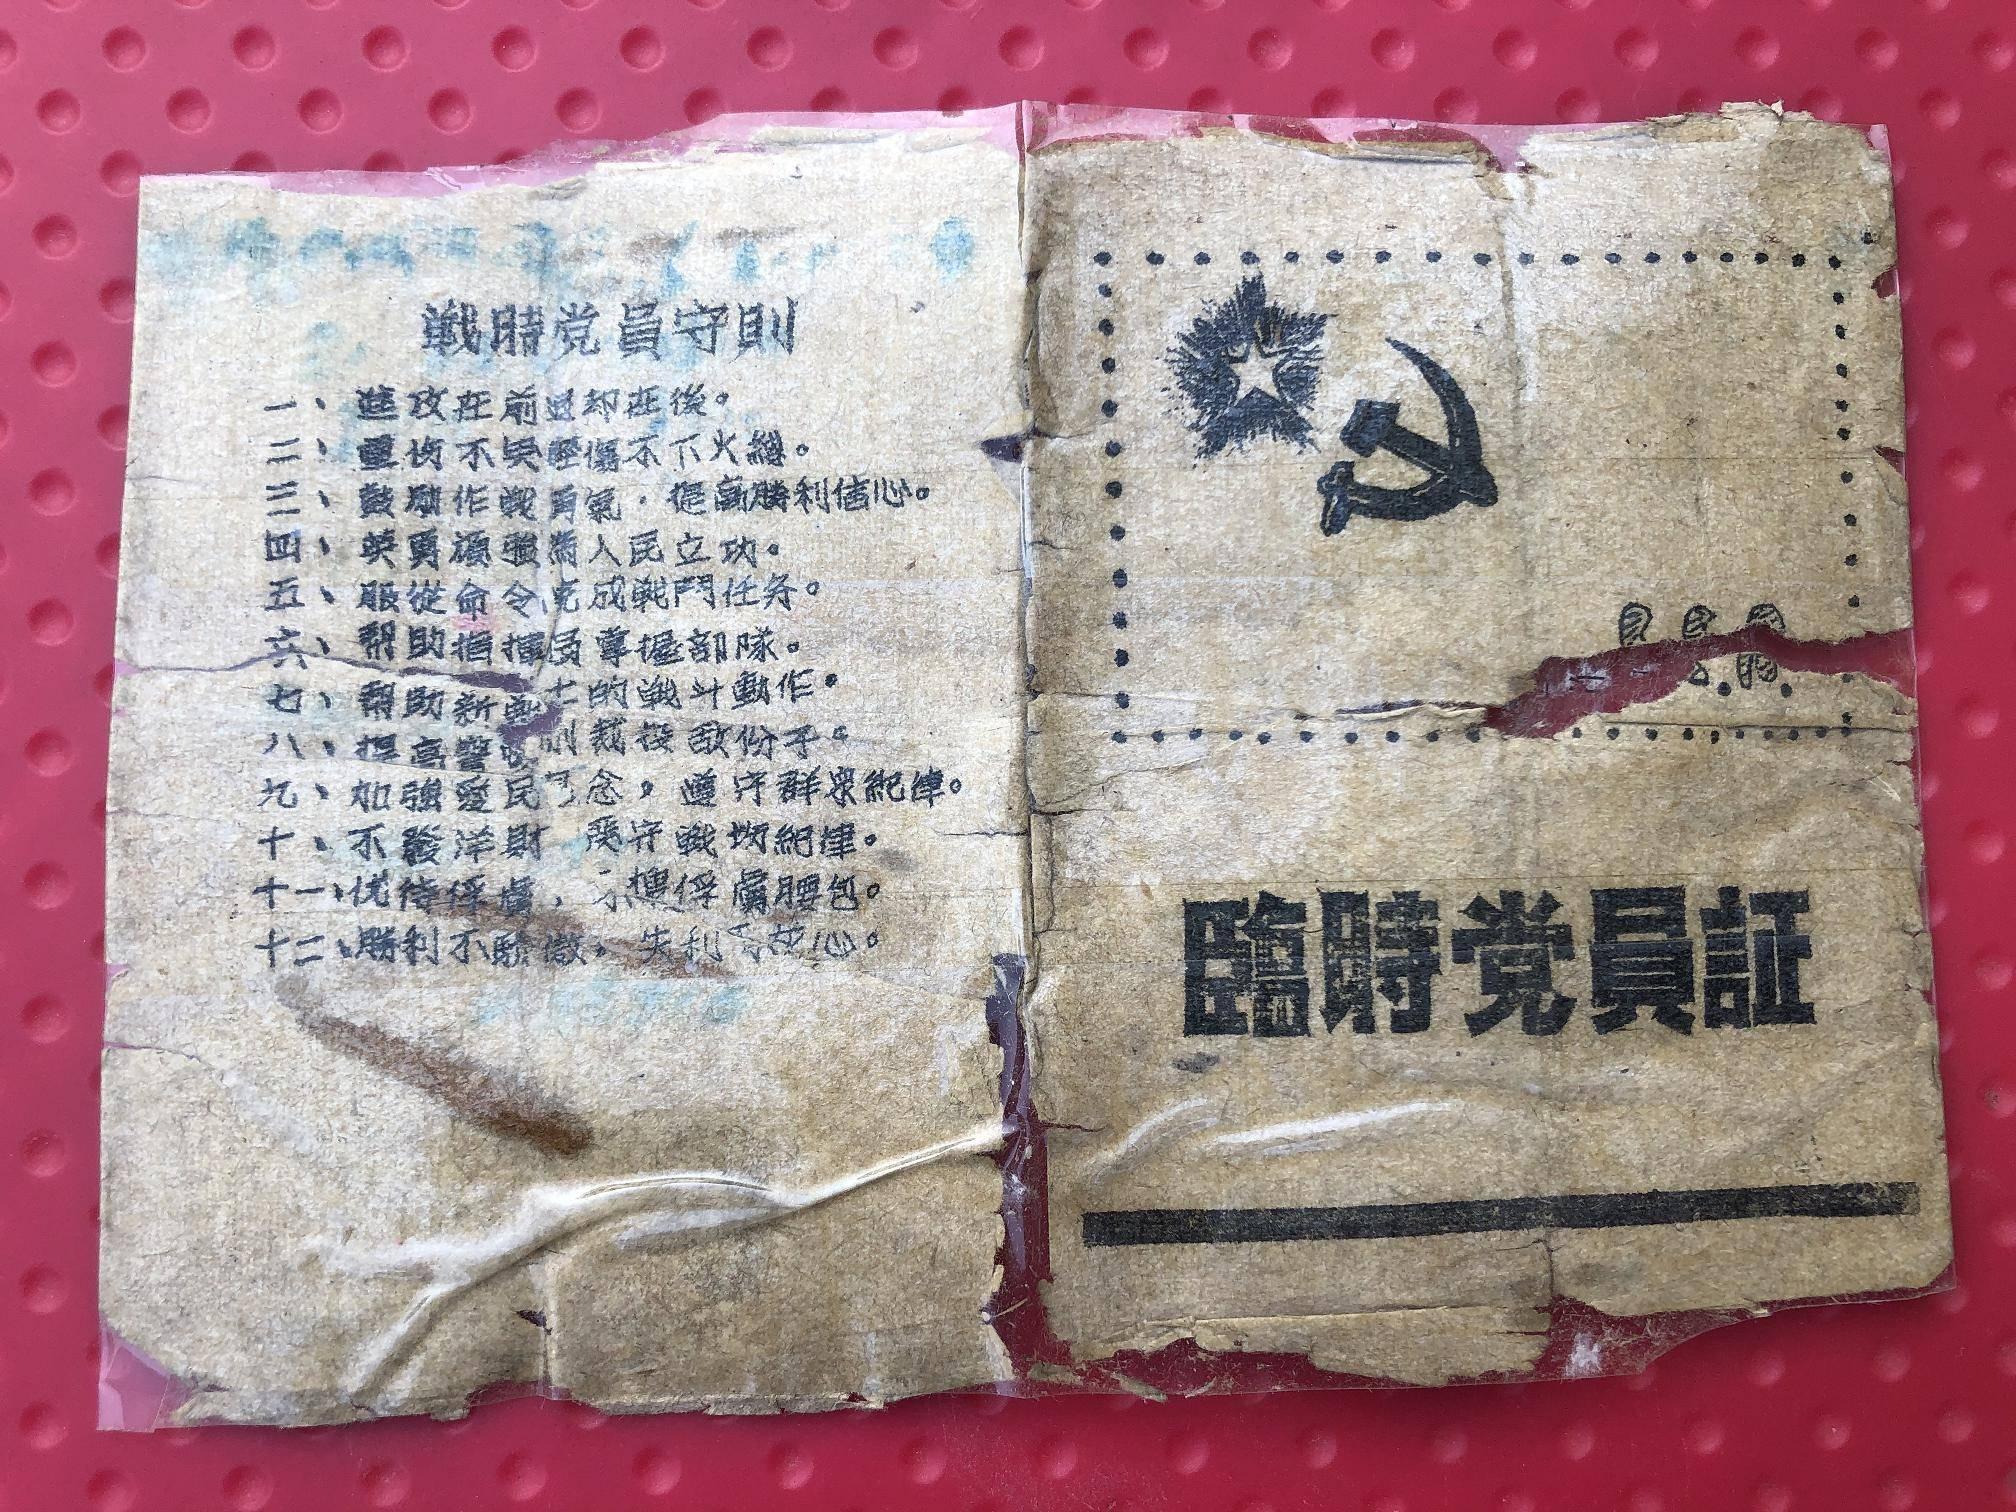 宝应金吾村:一家四代五个兵,一脉相承报国情